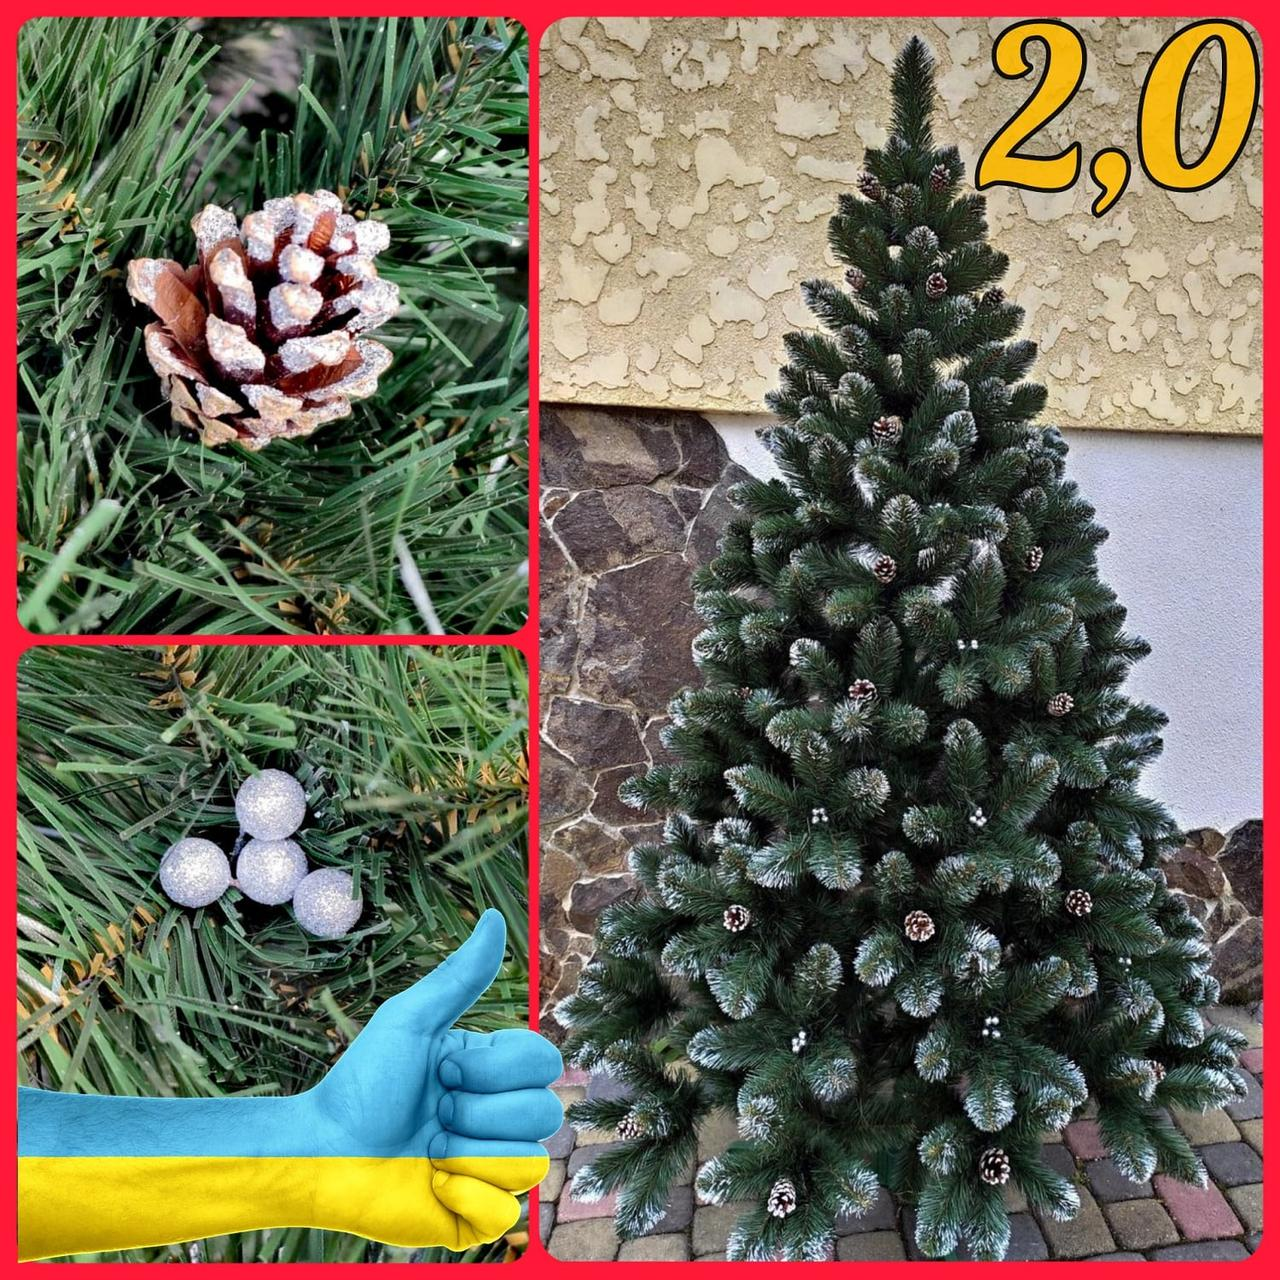 Пишна новорічна штучна ялинка 2,0 м з сріблястими шишками і перлами, штучні ялини і сосни з інеєм